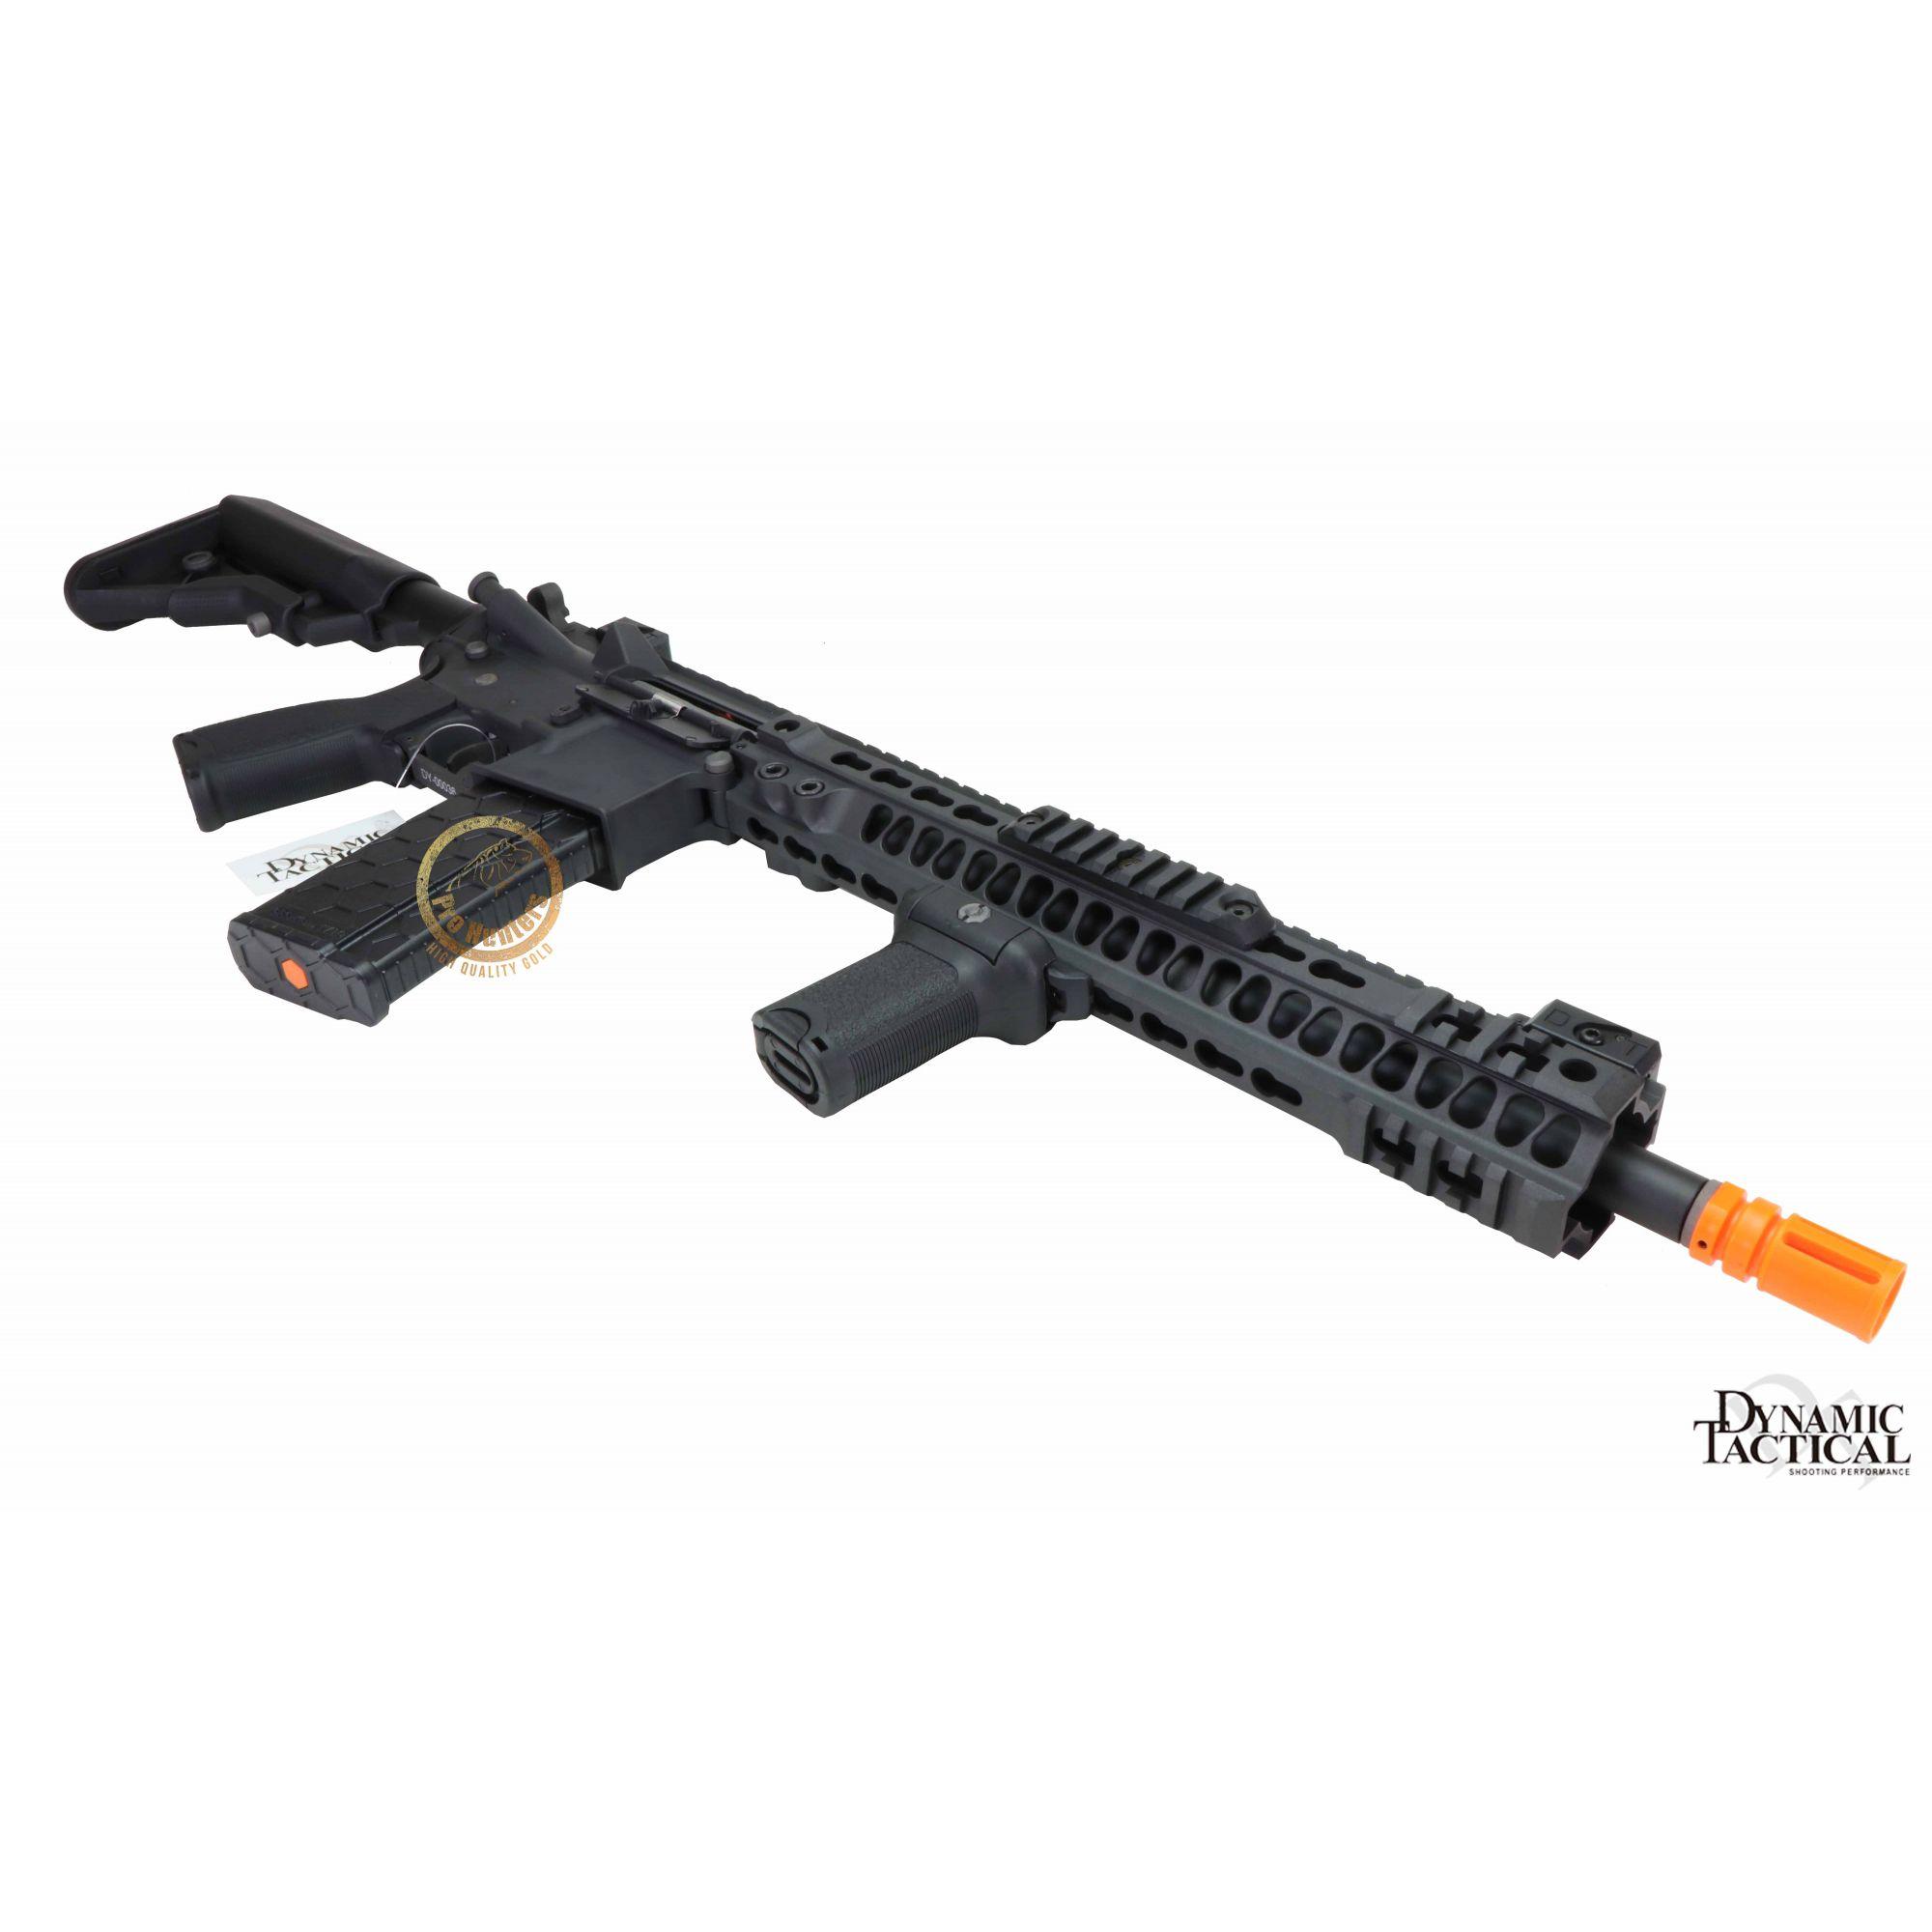 Rifle Airsoft Dytac MK4 SMR 14.5 Polegadas - Black - FRETE GRÁTIS